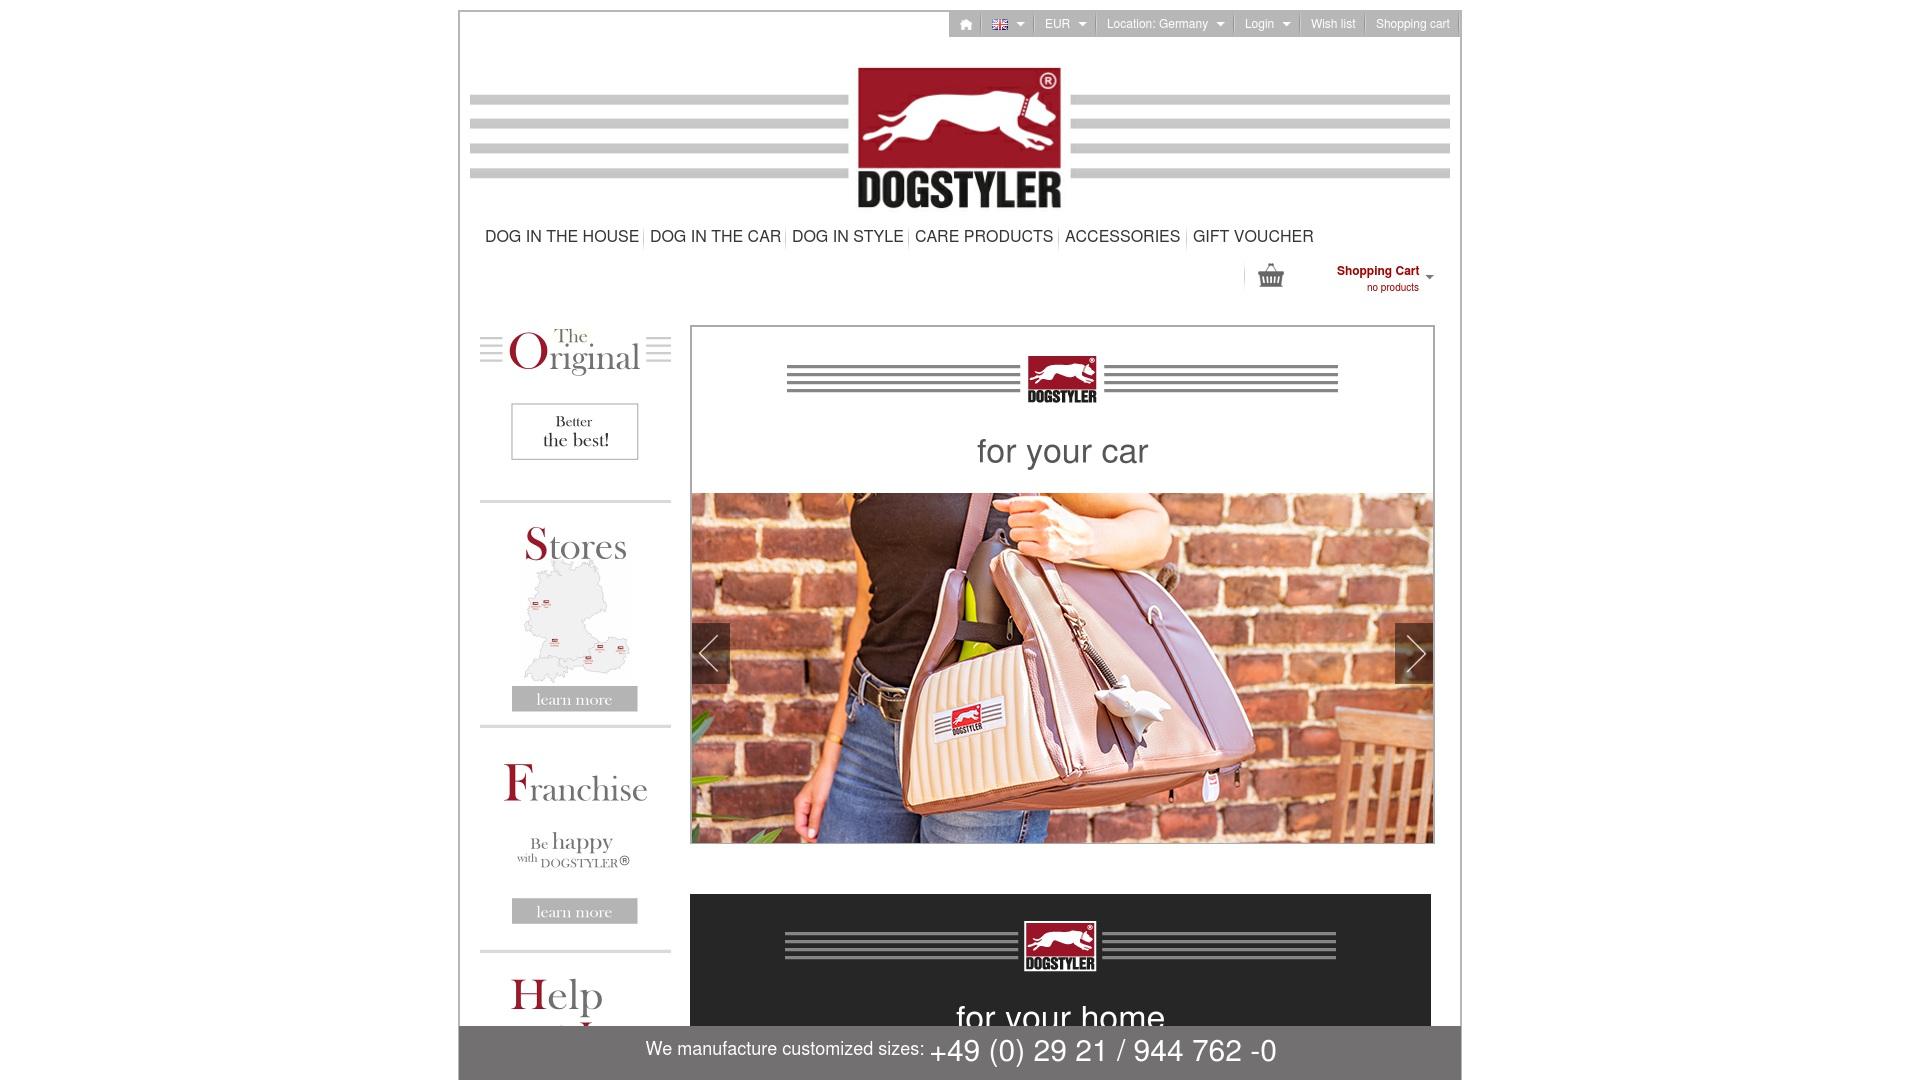 Gutschein für Dogstyler-shop: Rabatte für  Dogstyler-shop sichern